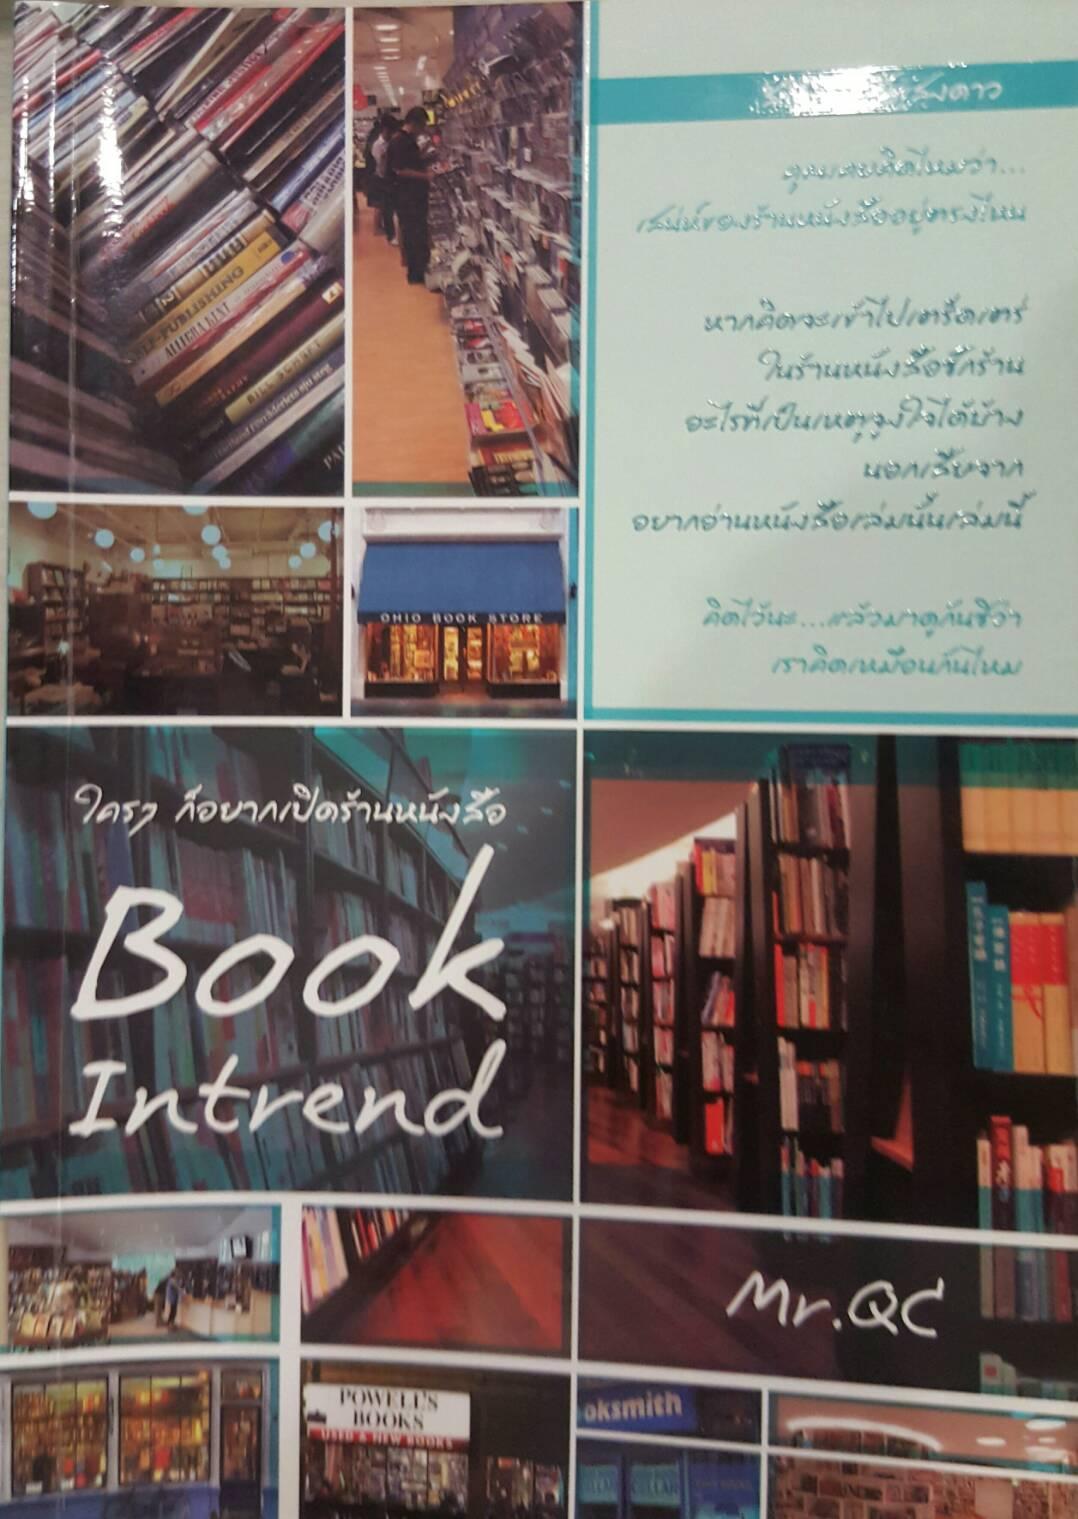 ใครๆก็อยากเปิดร้านหนังสือ Book Intrend